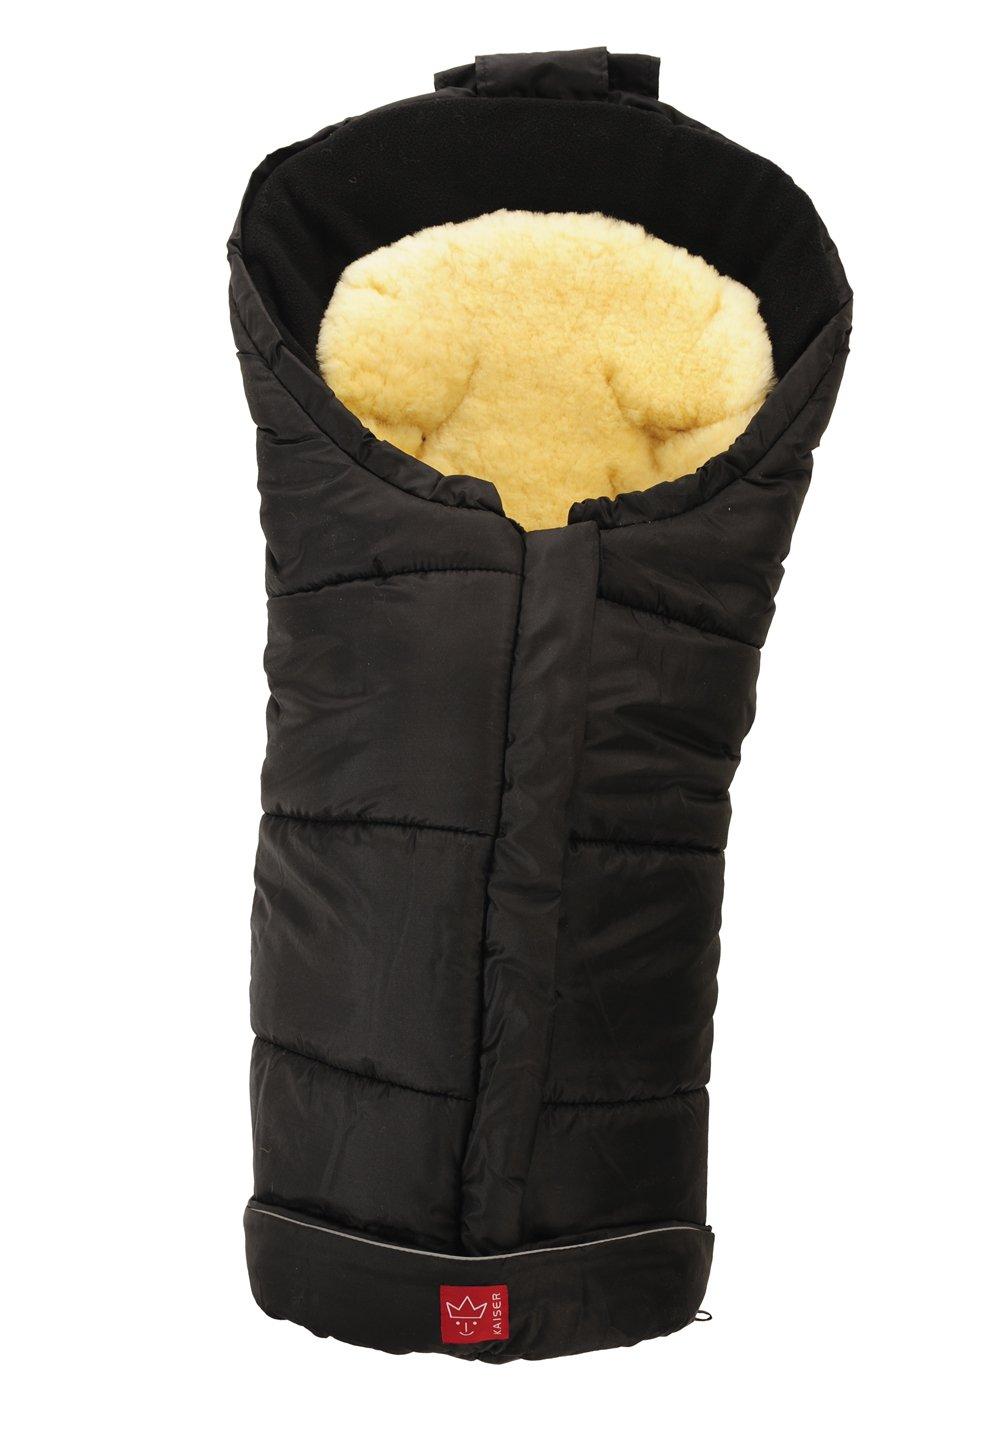 Kaiser Sheepy/ gris melange, 65711324 /Saco de abrigo multifunci/ón dise/ño con incrustaciones de cordero